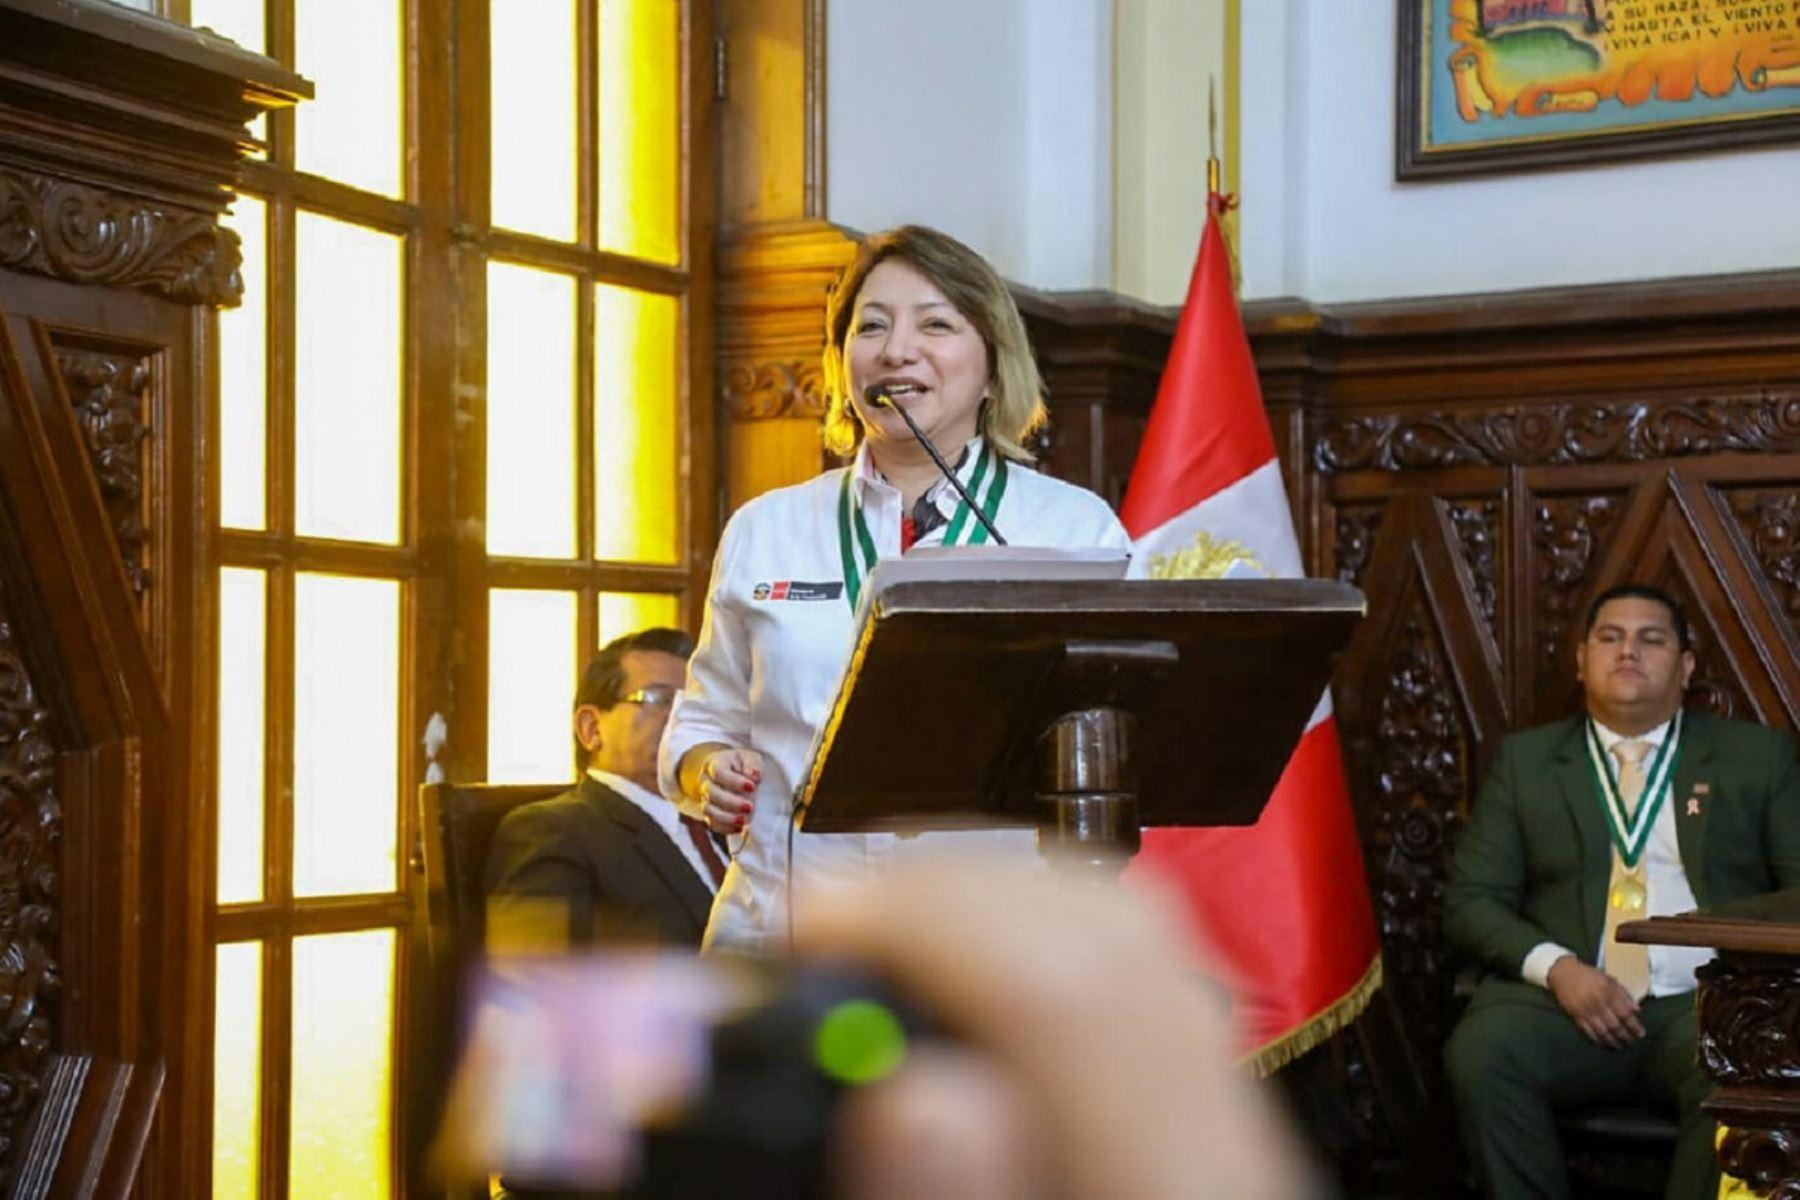 Ministra de la Producción, Rocío Barrios anuncia celebraciones por el Día del Pisco. Foto: Cortesía.